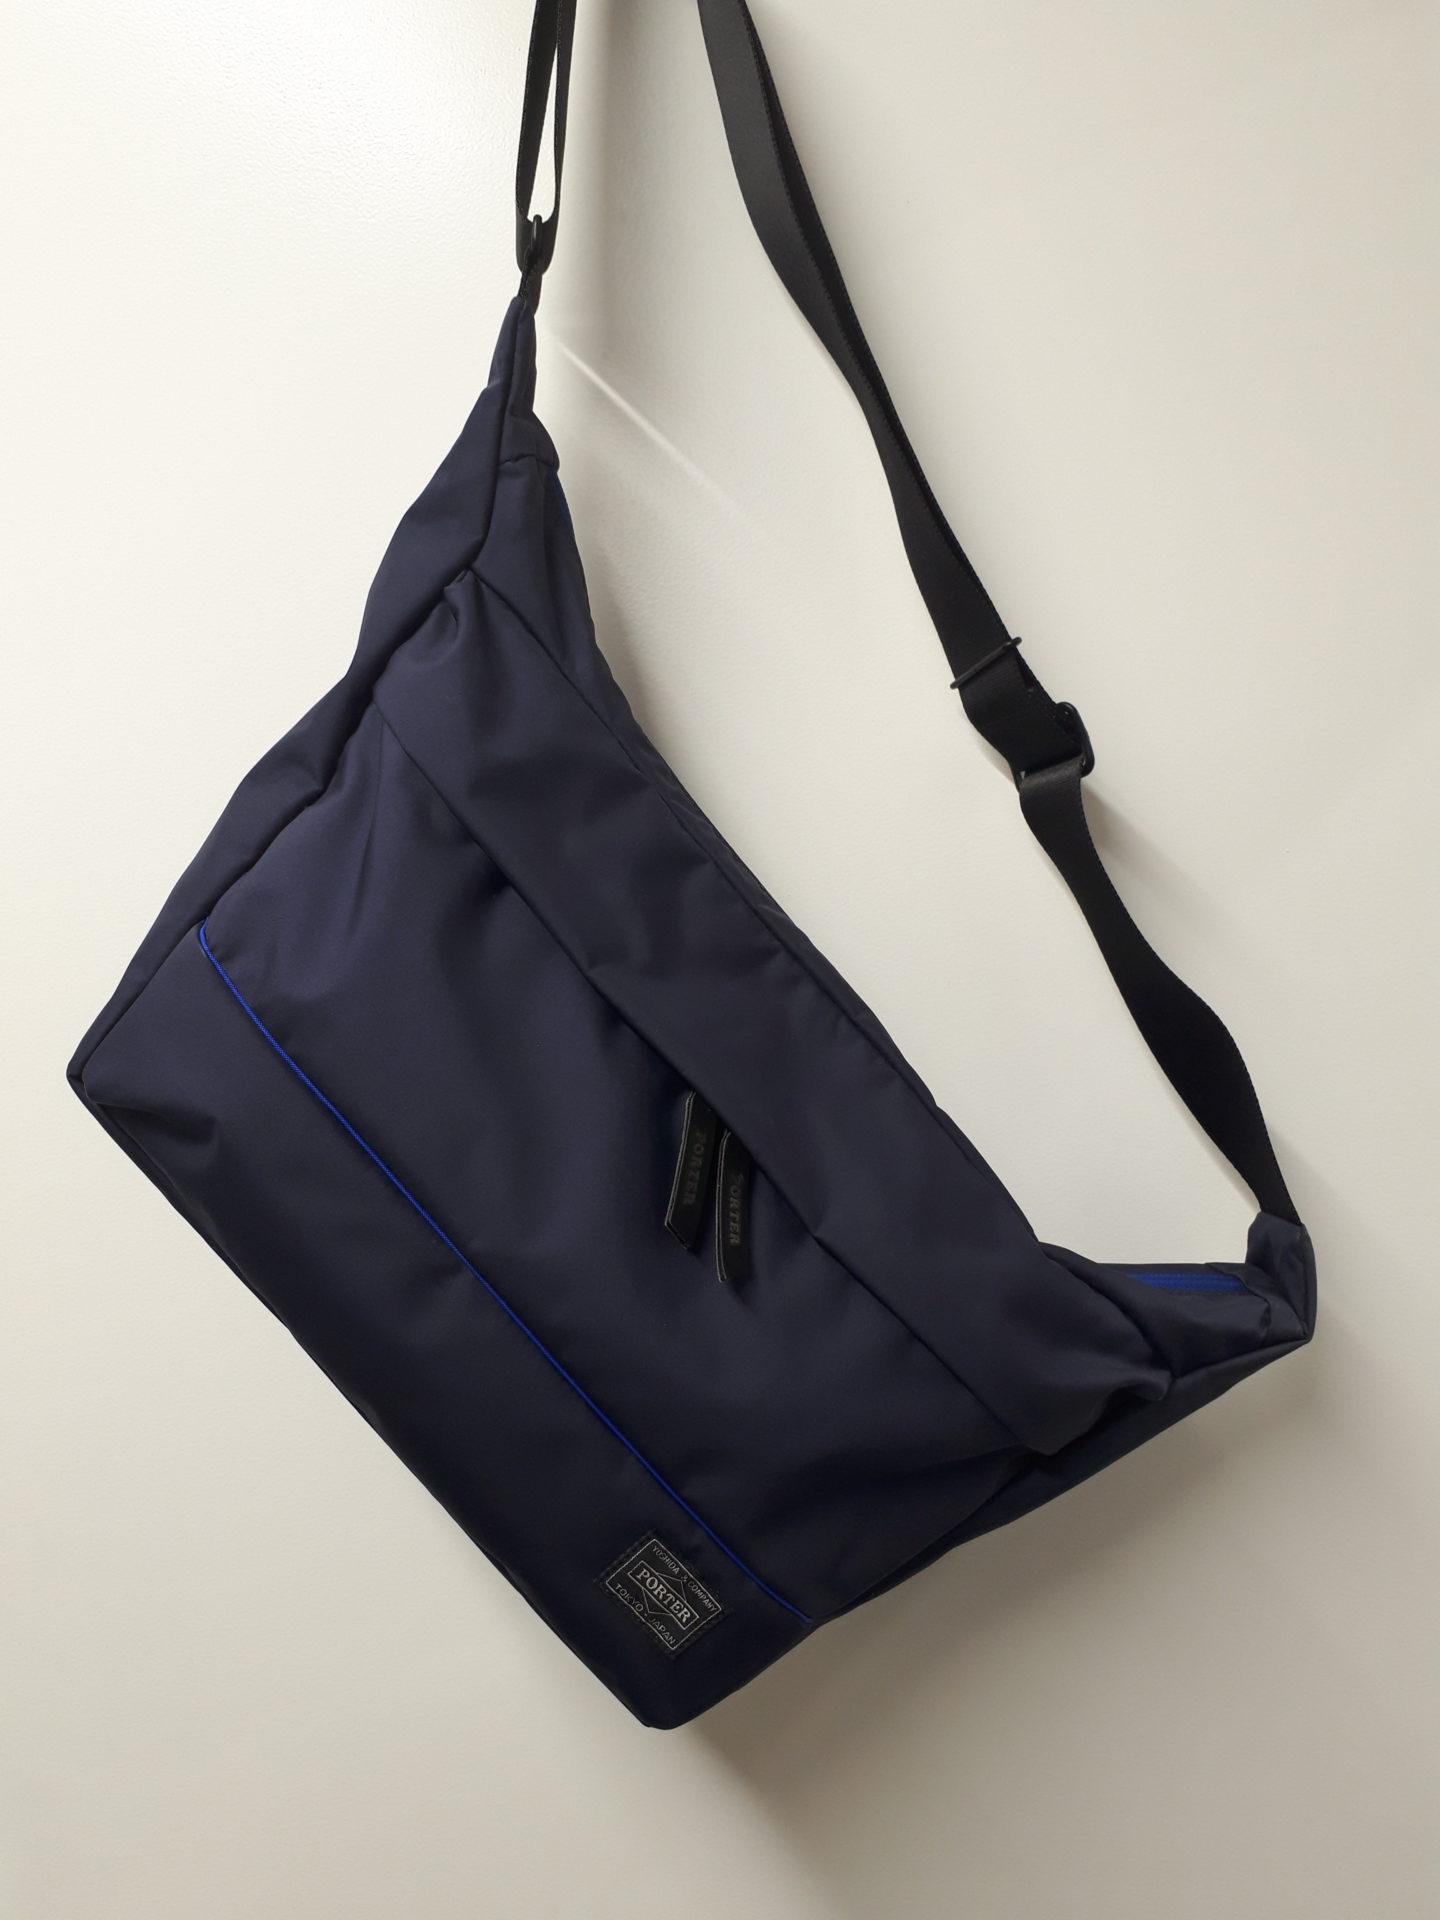 【PORTER ポーター 買取 盛岡】ショルダーバッグを盛岡市のお客様よりお買取させていただきました!